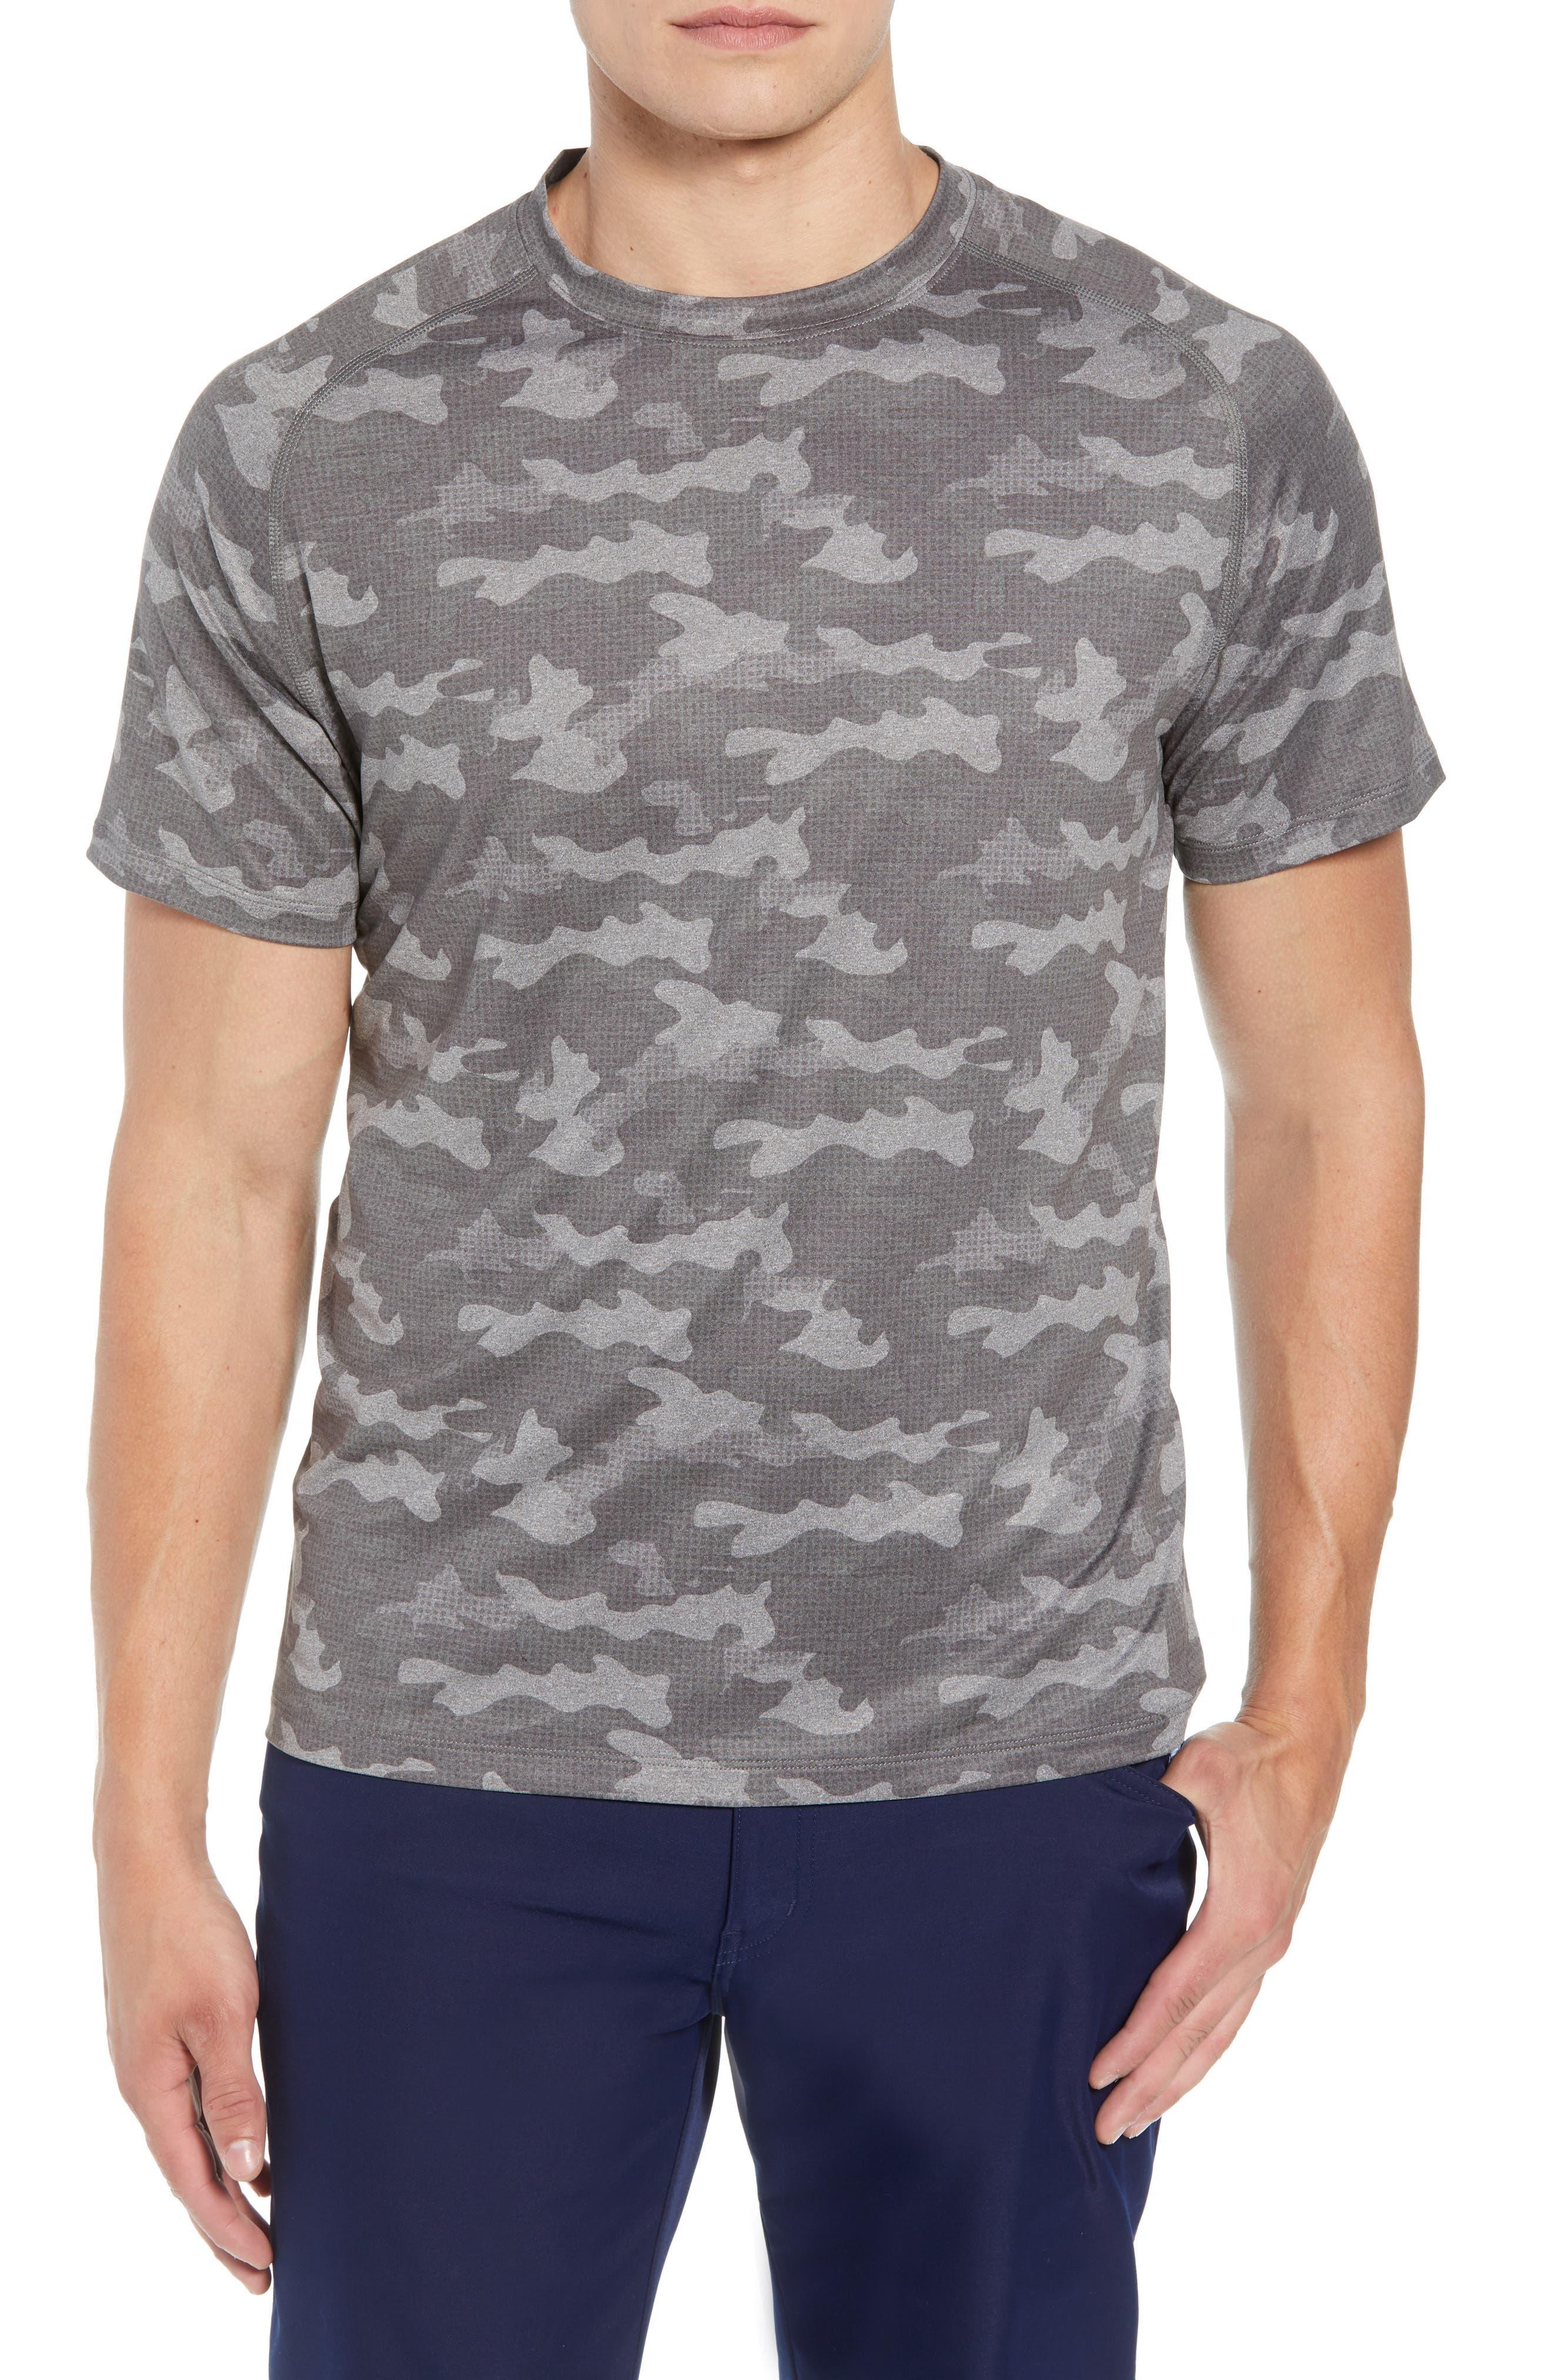 Rio Camo Tech T-Shirt,                             Main thumbnail 1, color,                             GREY